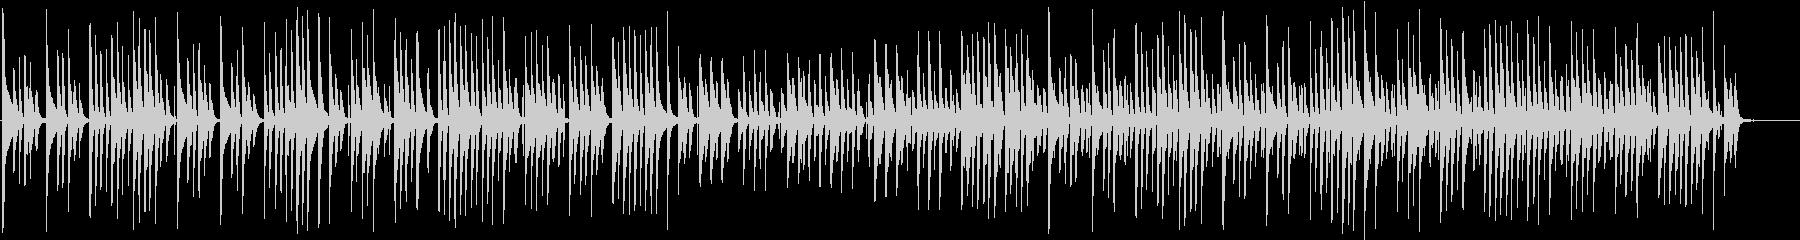 木琴がメインでほのぼのとした曲の未再生の波形